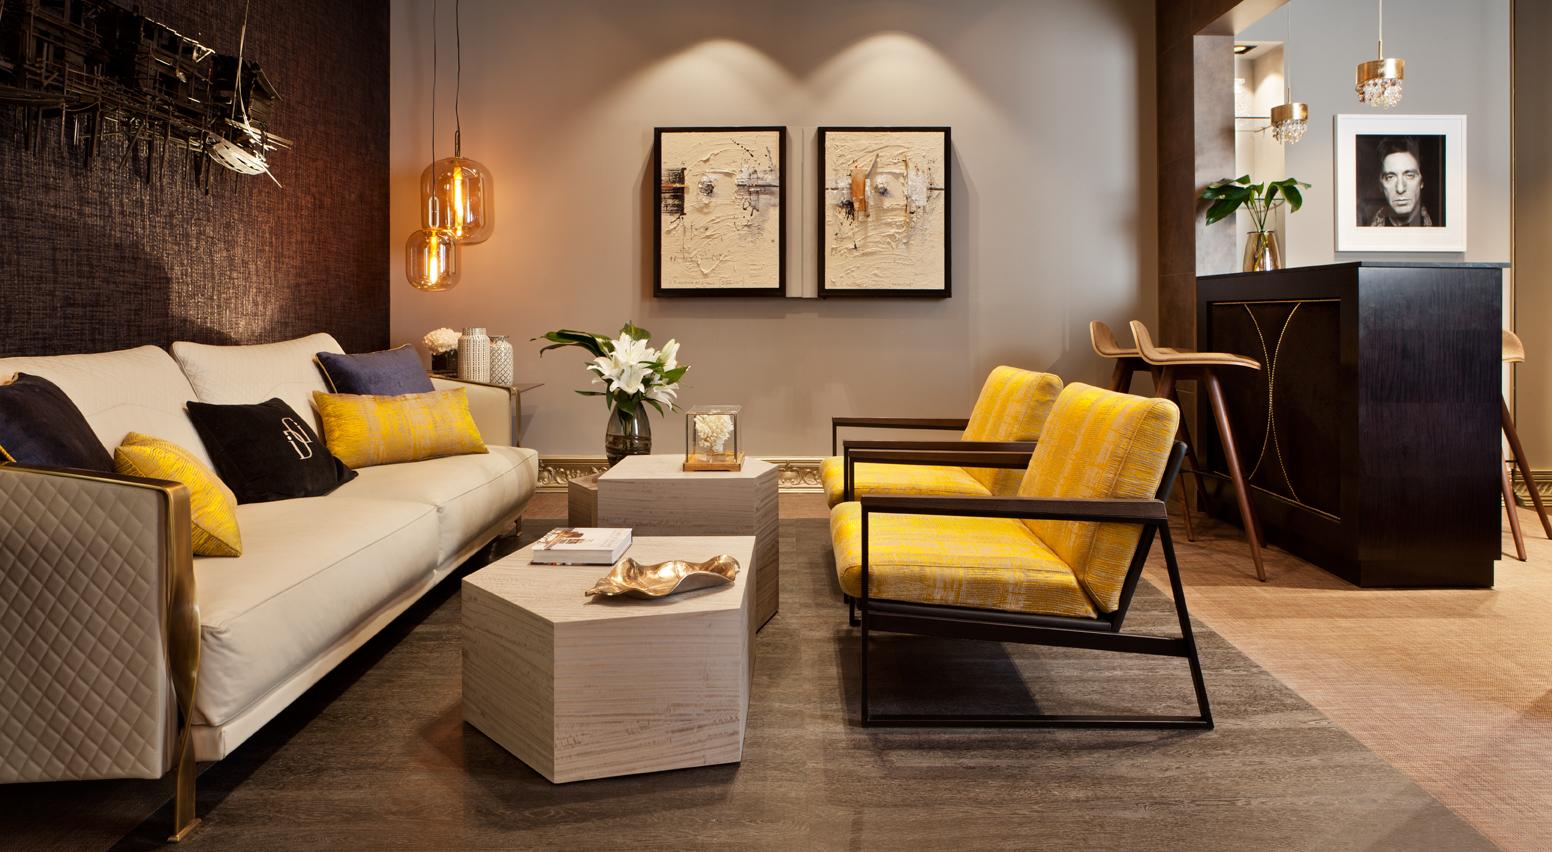 casa decor 2017 a madrid apre le porte la mostra dedicata al design di interni idealista news. Black Bedroom Furniture Sets. Home Design Ideas